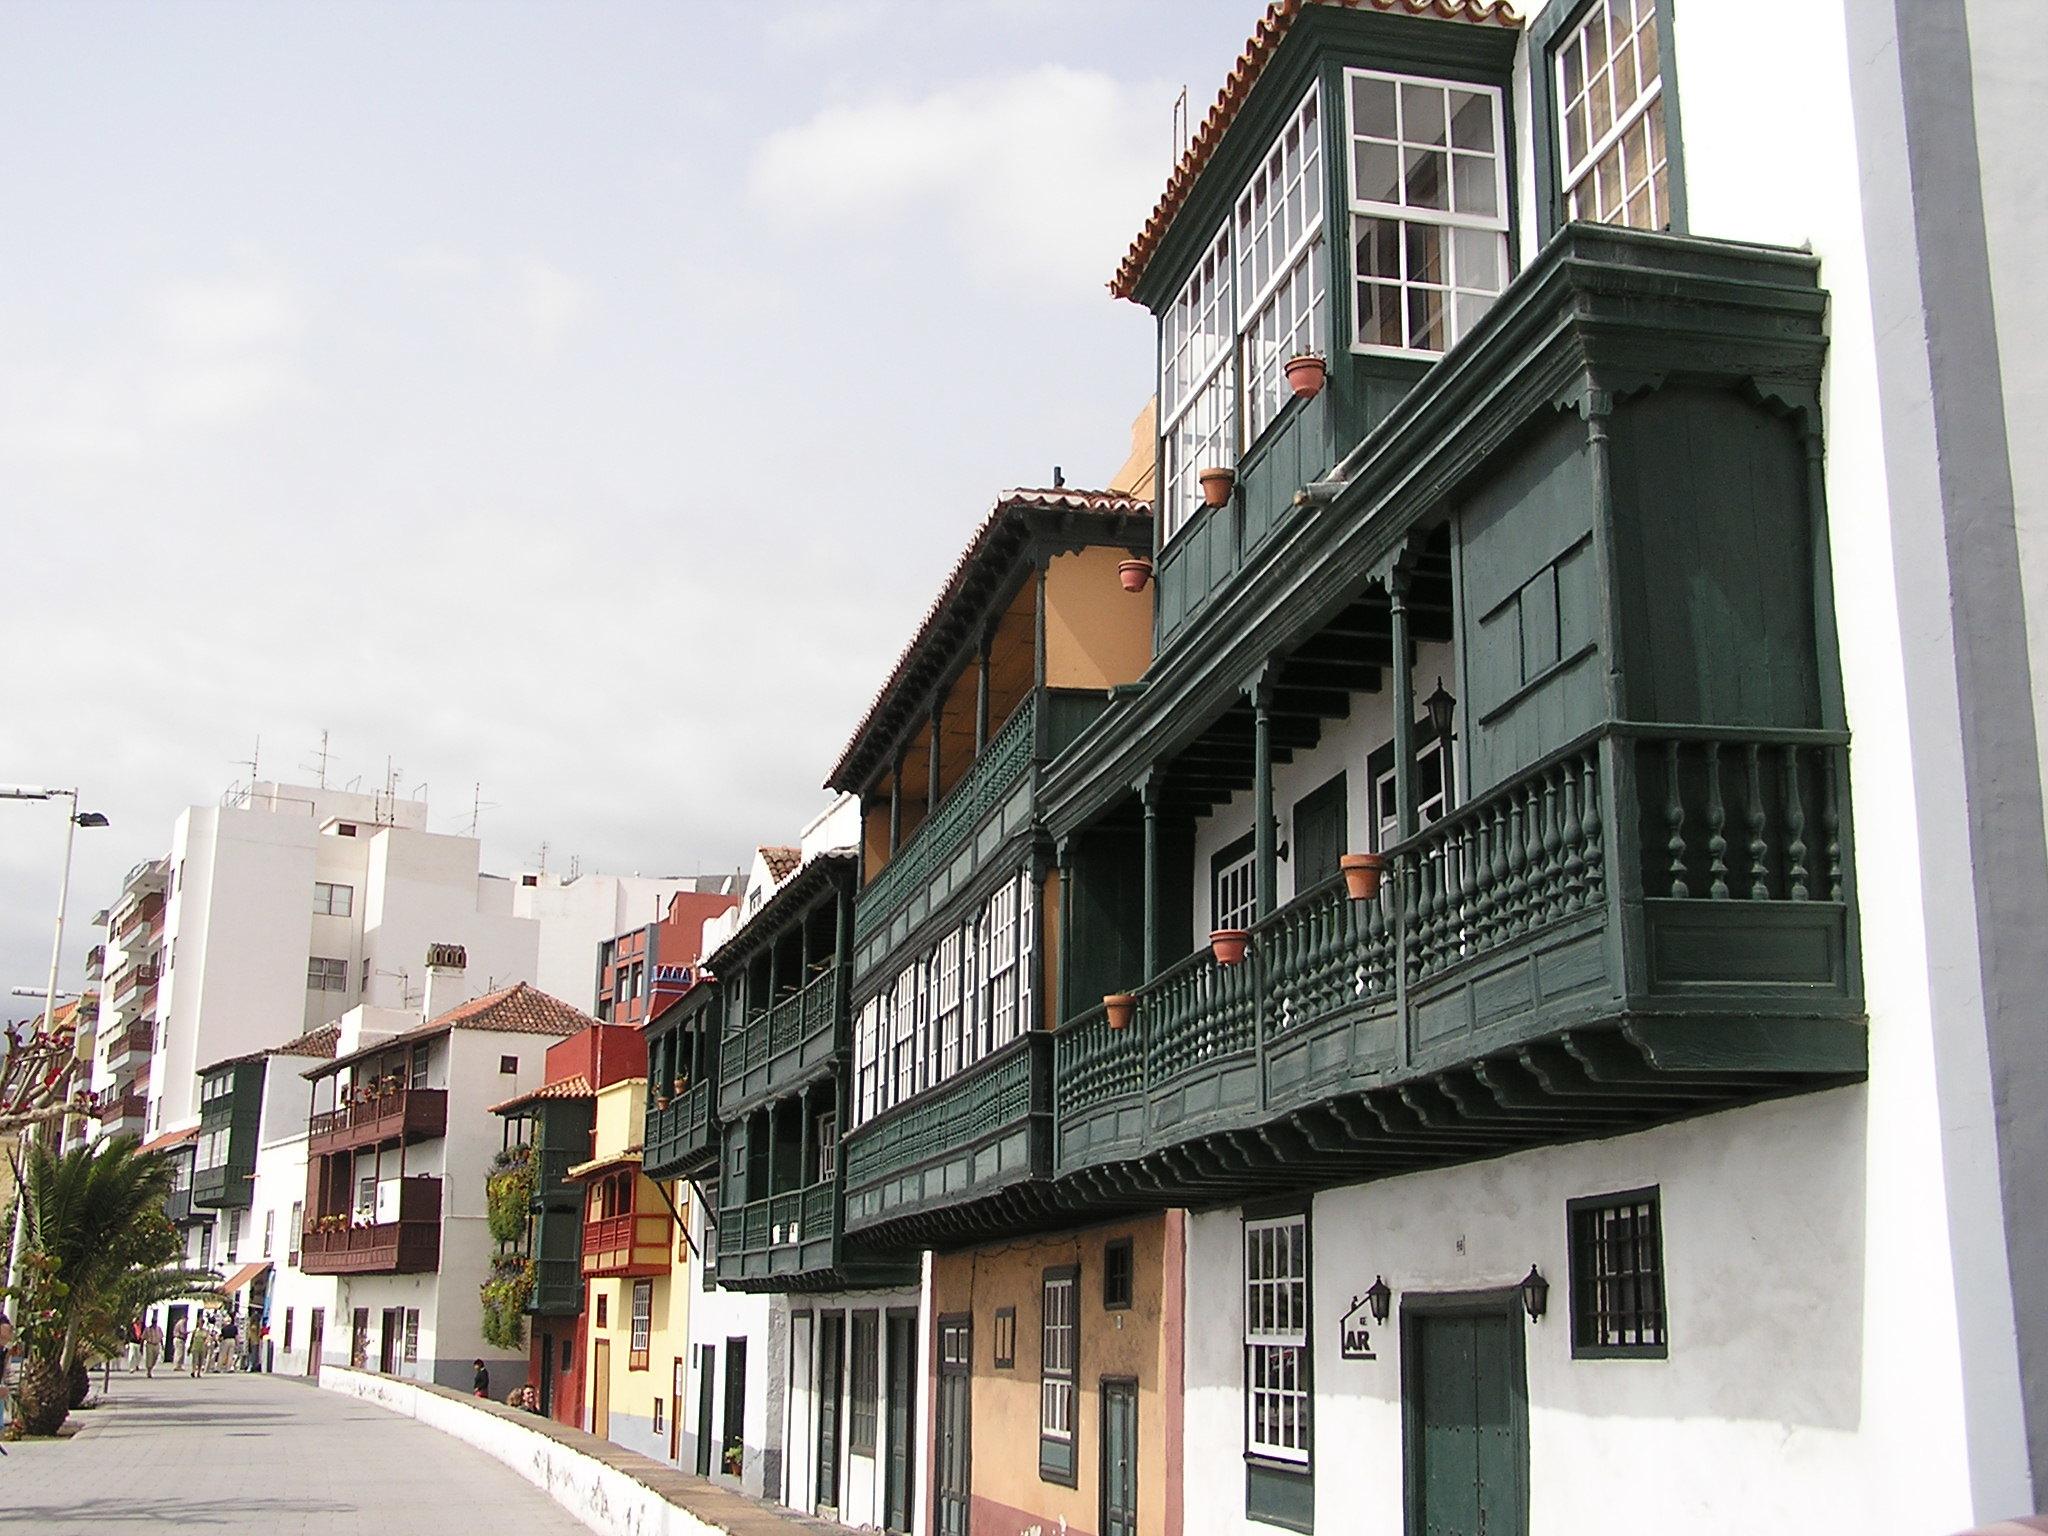 casas con balcones avenida Maritima Santa Cruz de la Palma